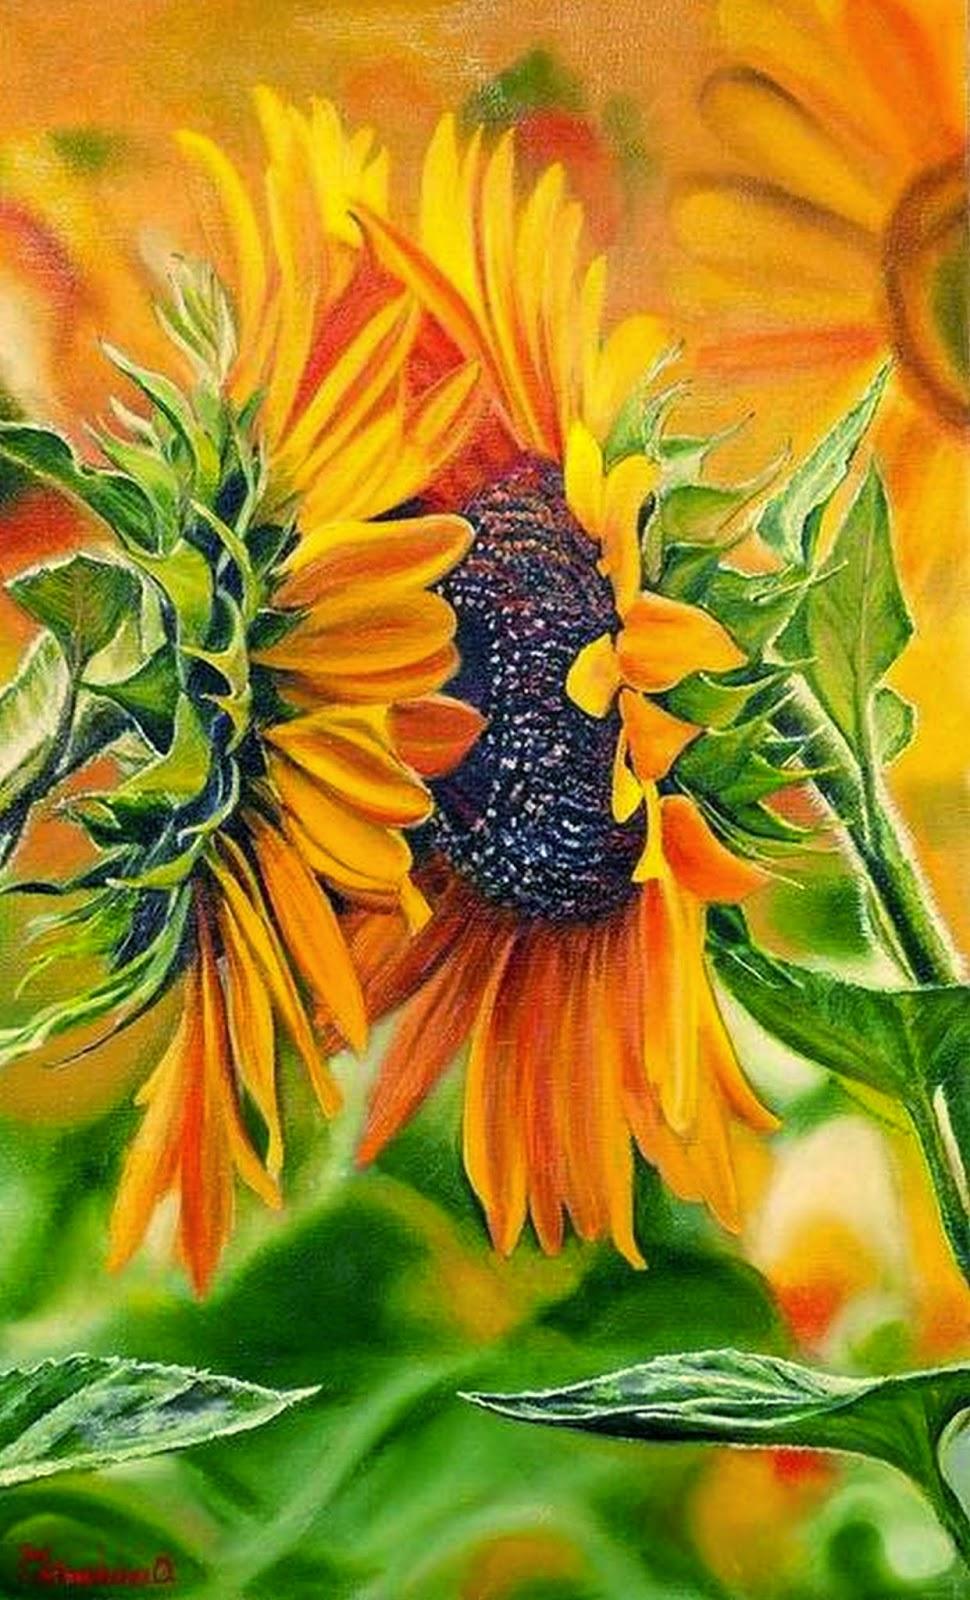 Cuadros pinturas oleos fotos flores en plantas - Fotos y cuadros ...